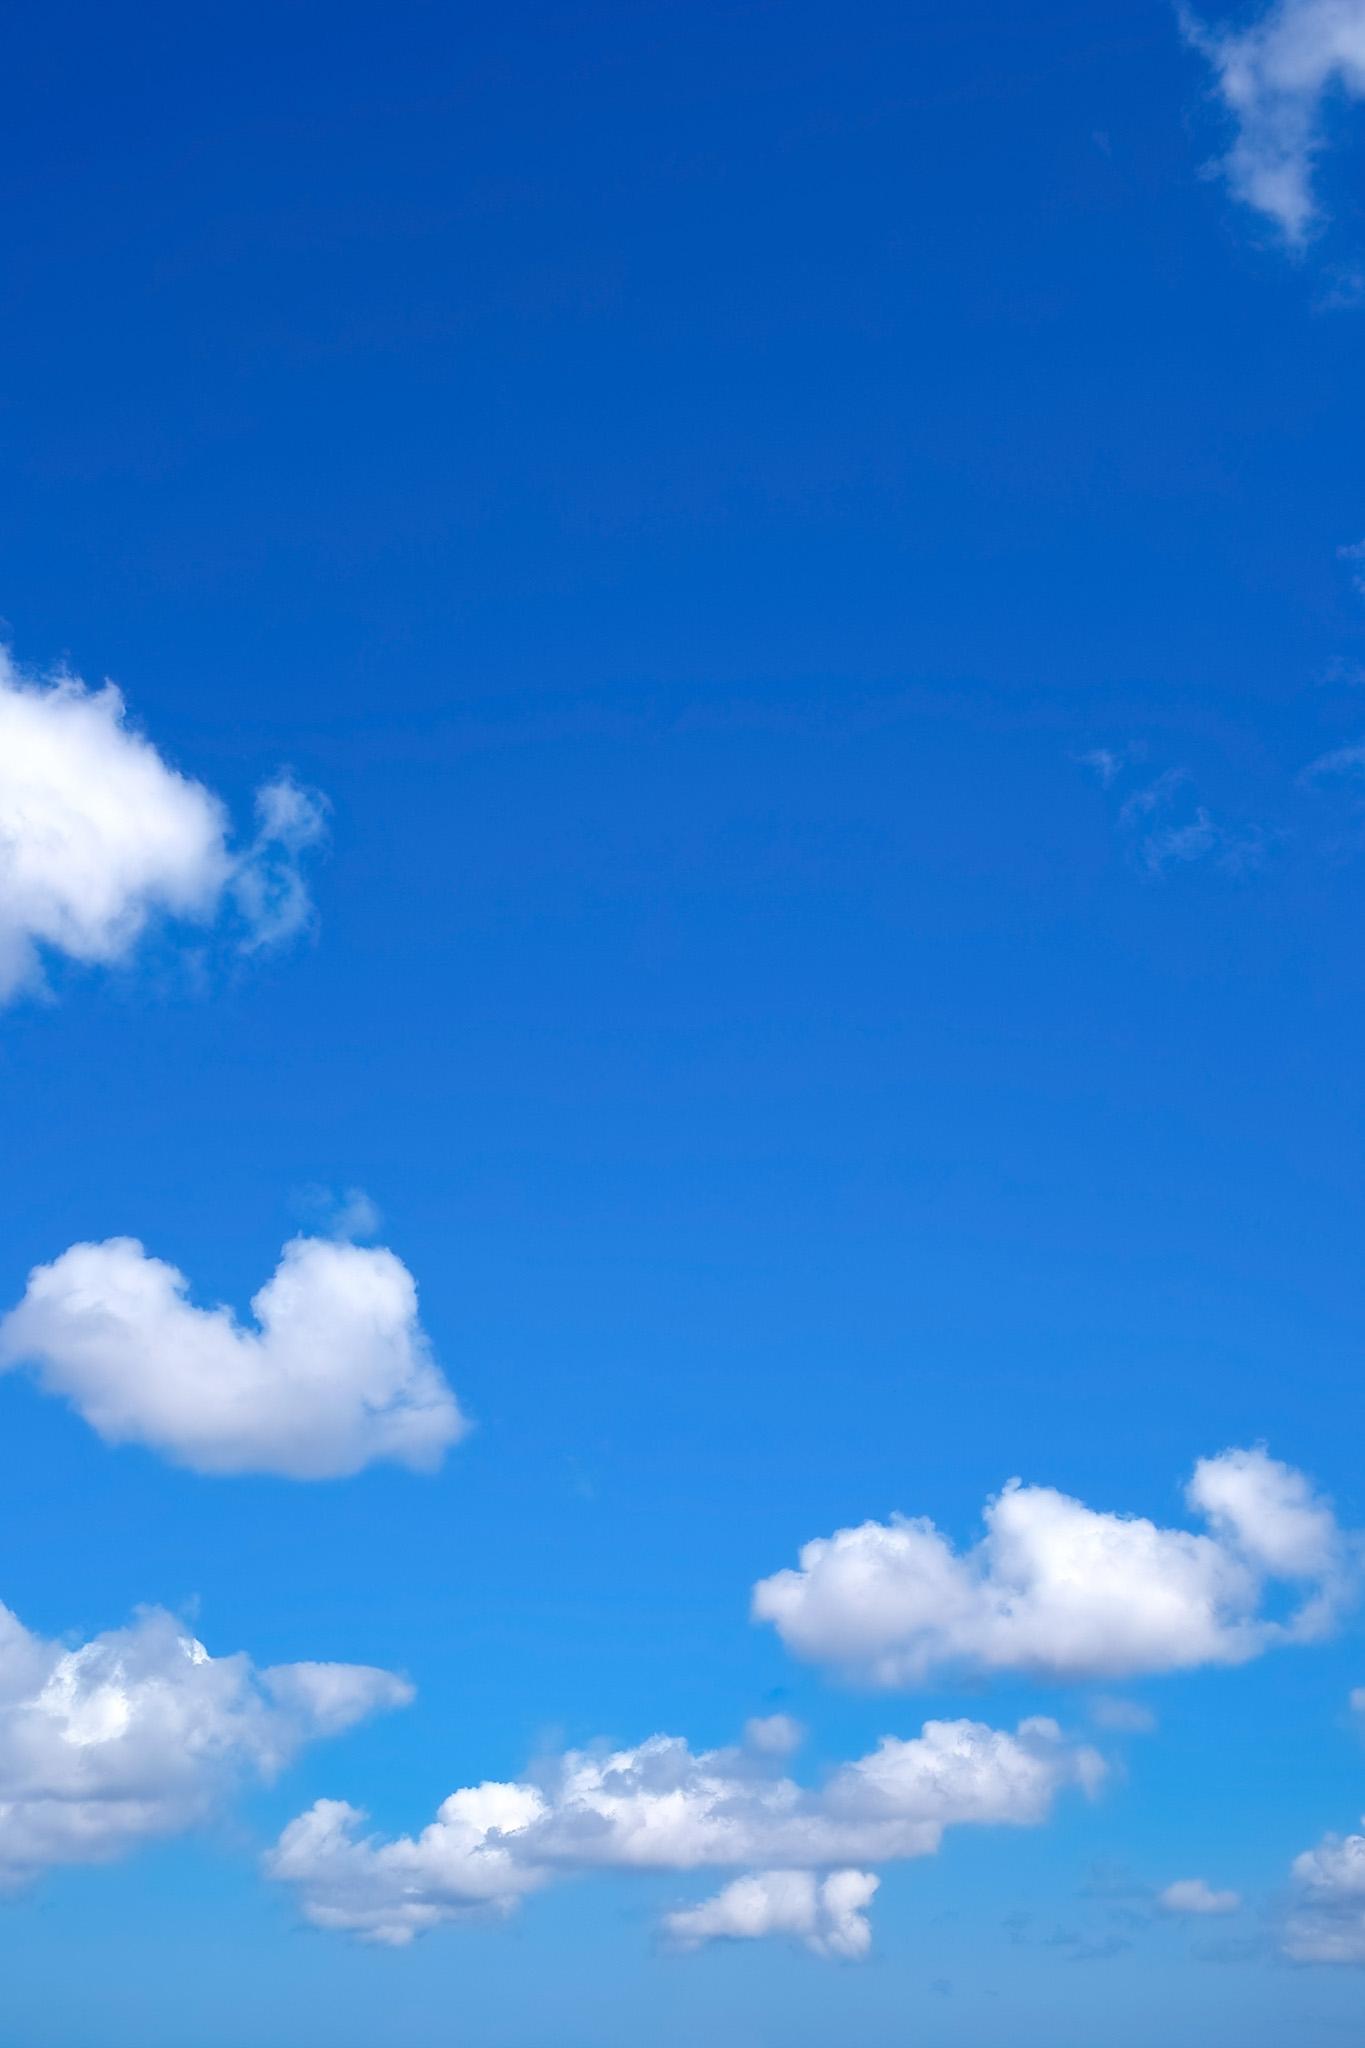 「真白の雲と鮮やかな青空」の画像を無料ダウンロード